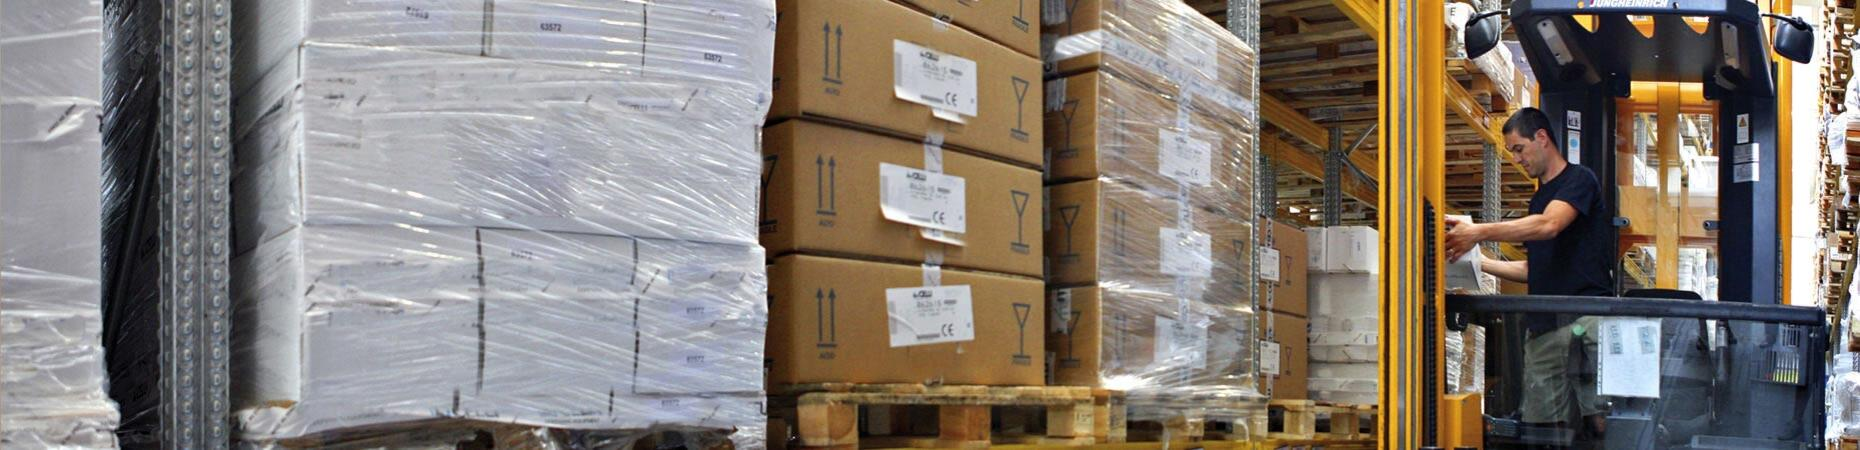 cicognaservizi it logistica-e-commerce 004